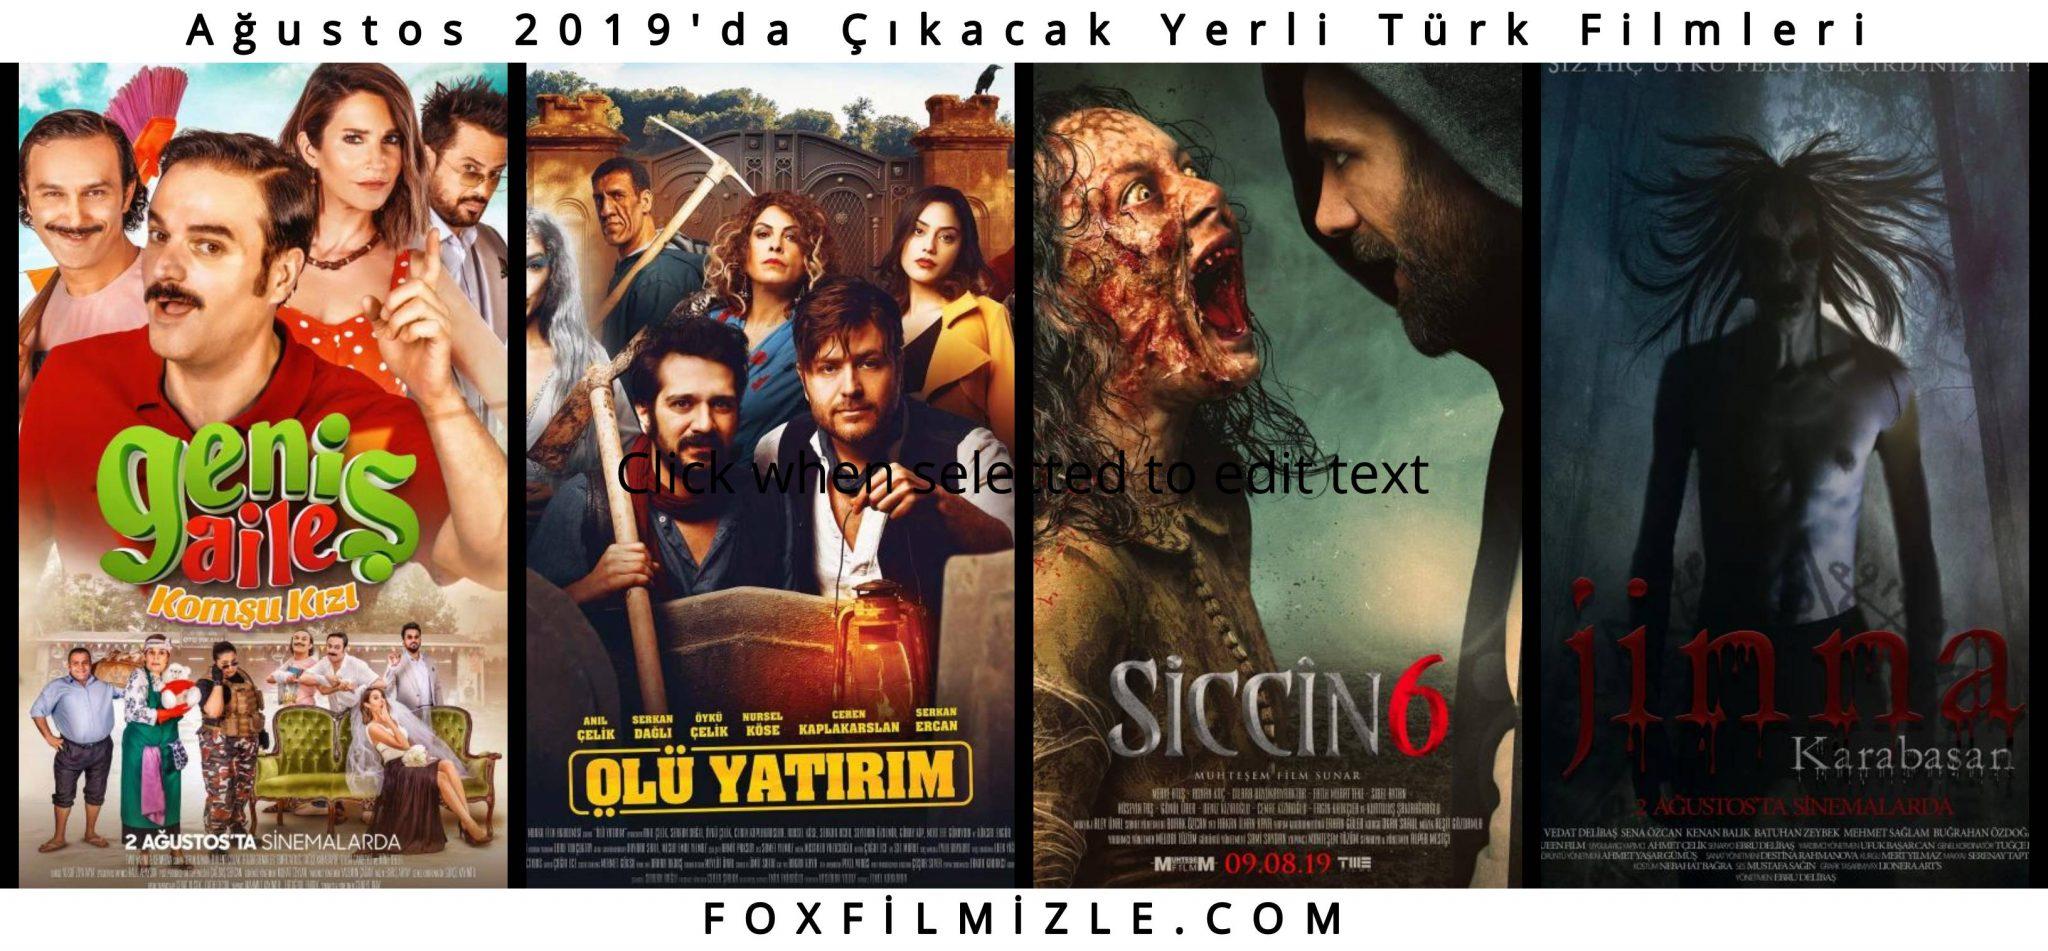 Ağustos 2019'da Çıkacak Yerli Türk Filmleri